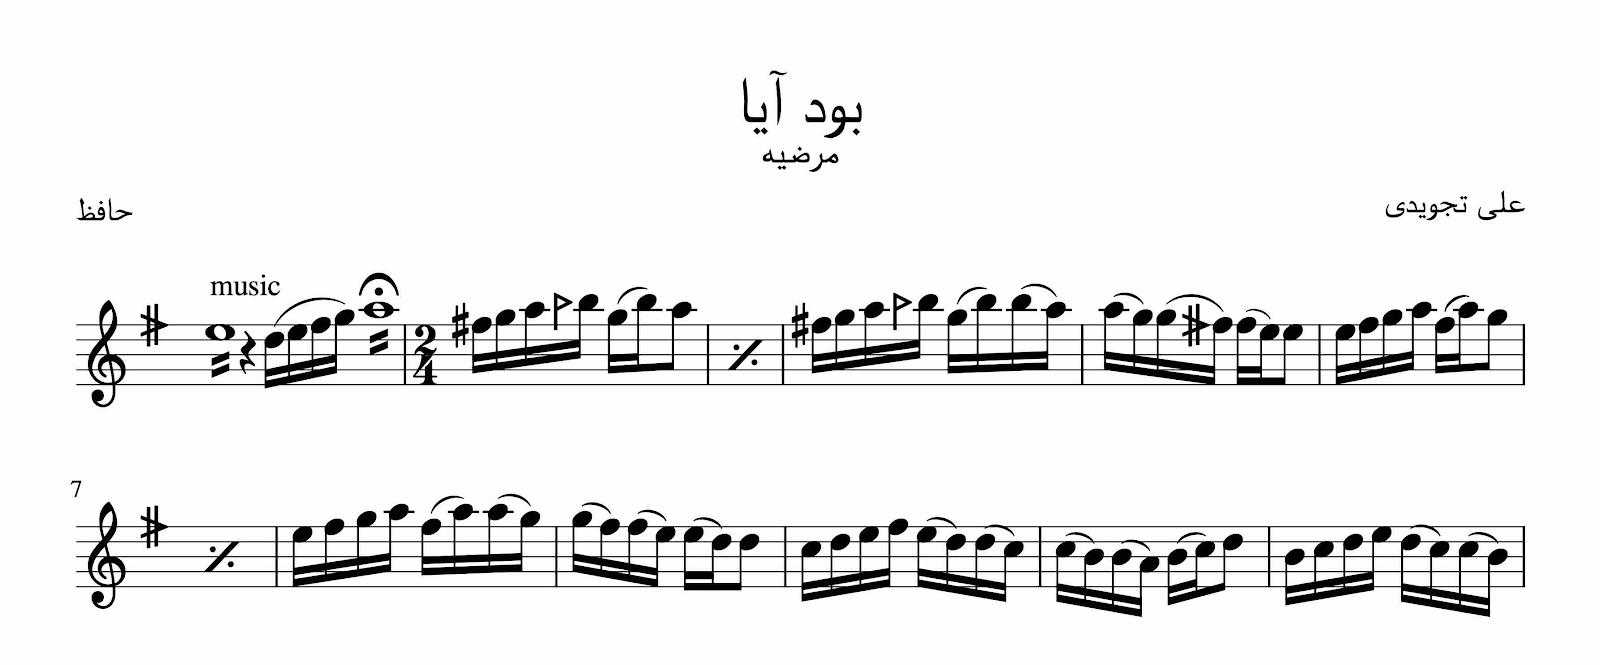 نت بود آیا علی تجویدی رهی معیری مرضیه آوانگاری احمد جباریان